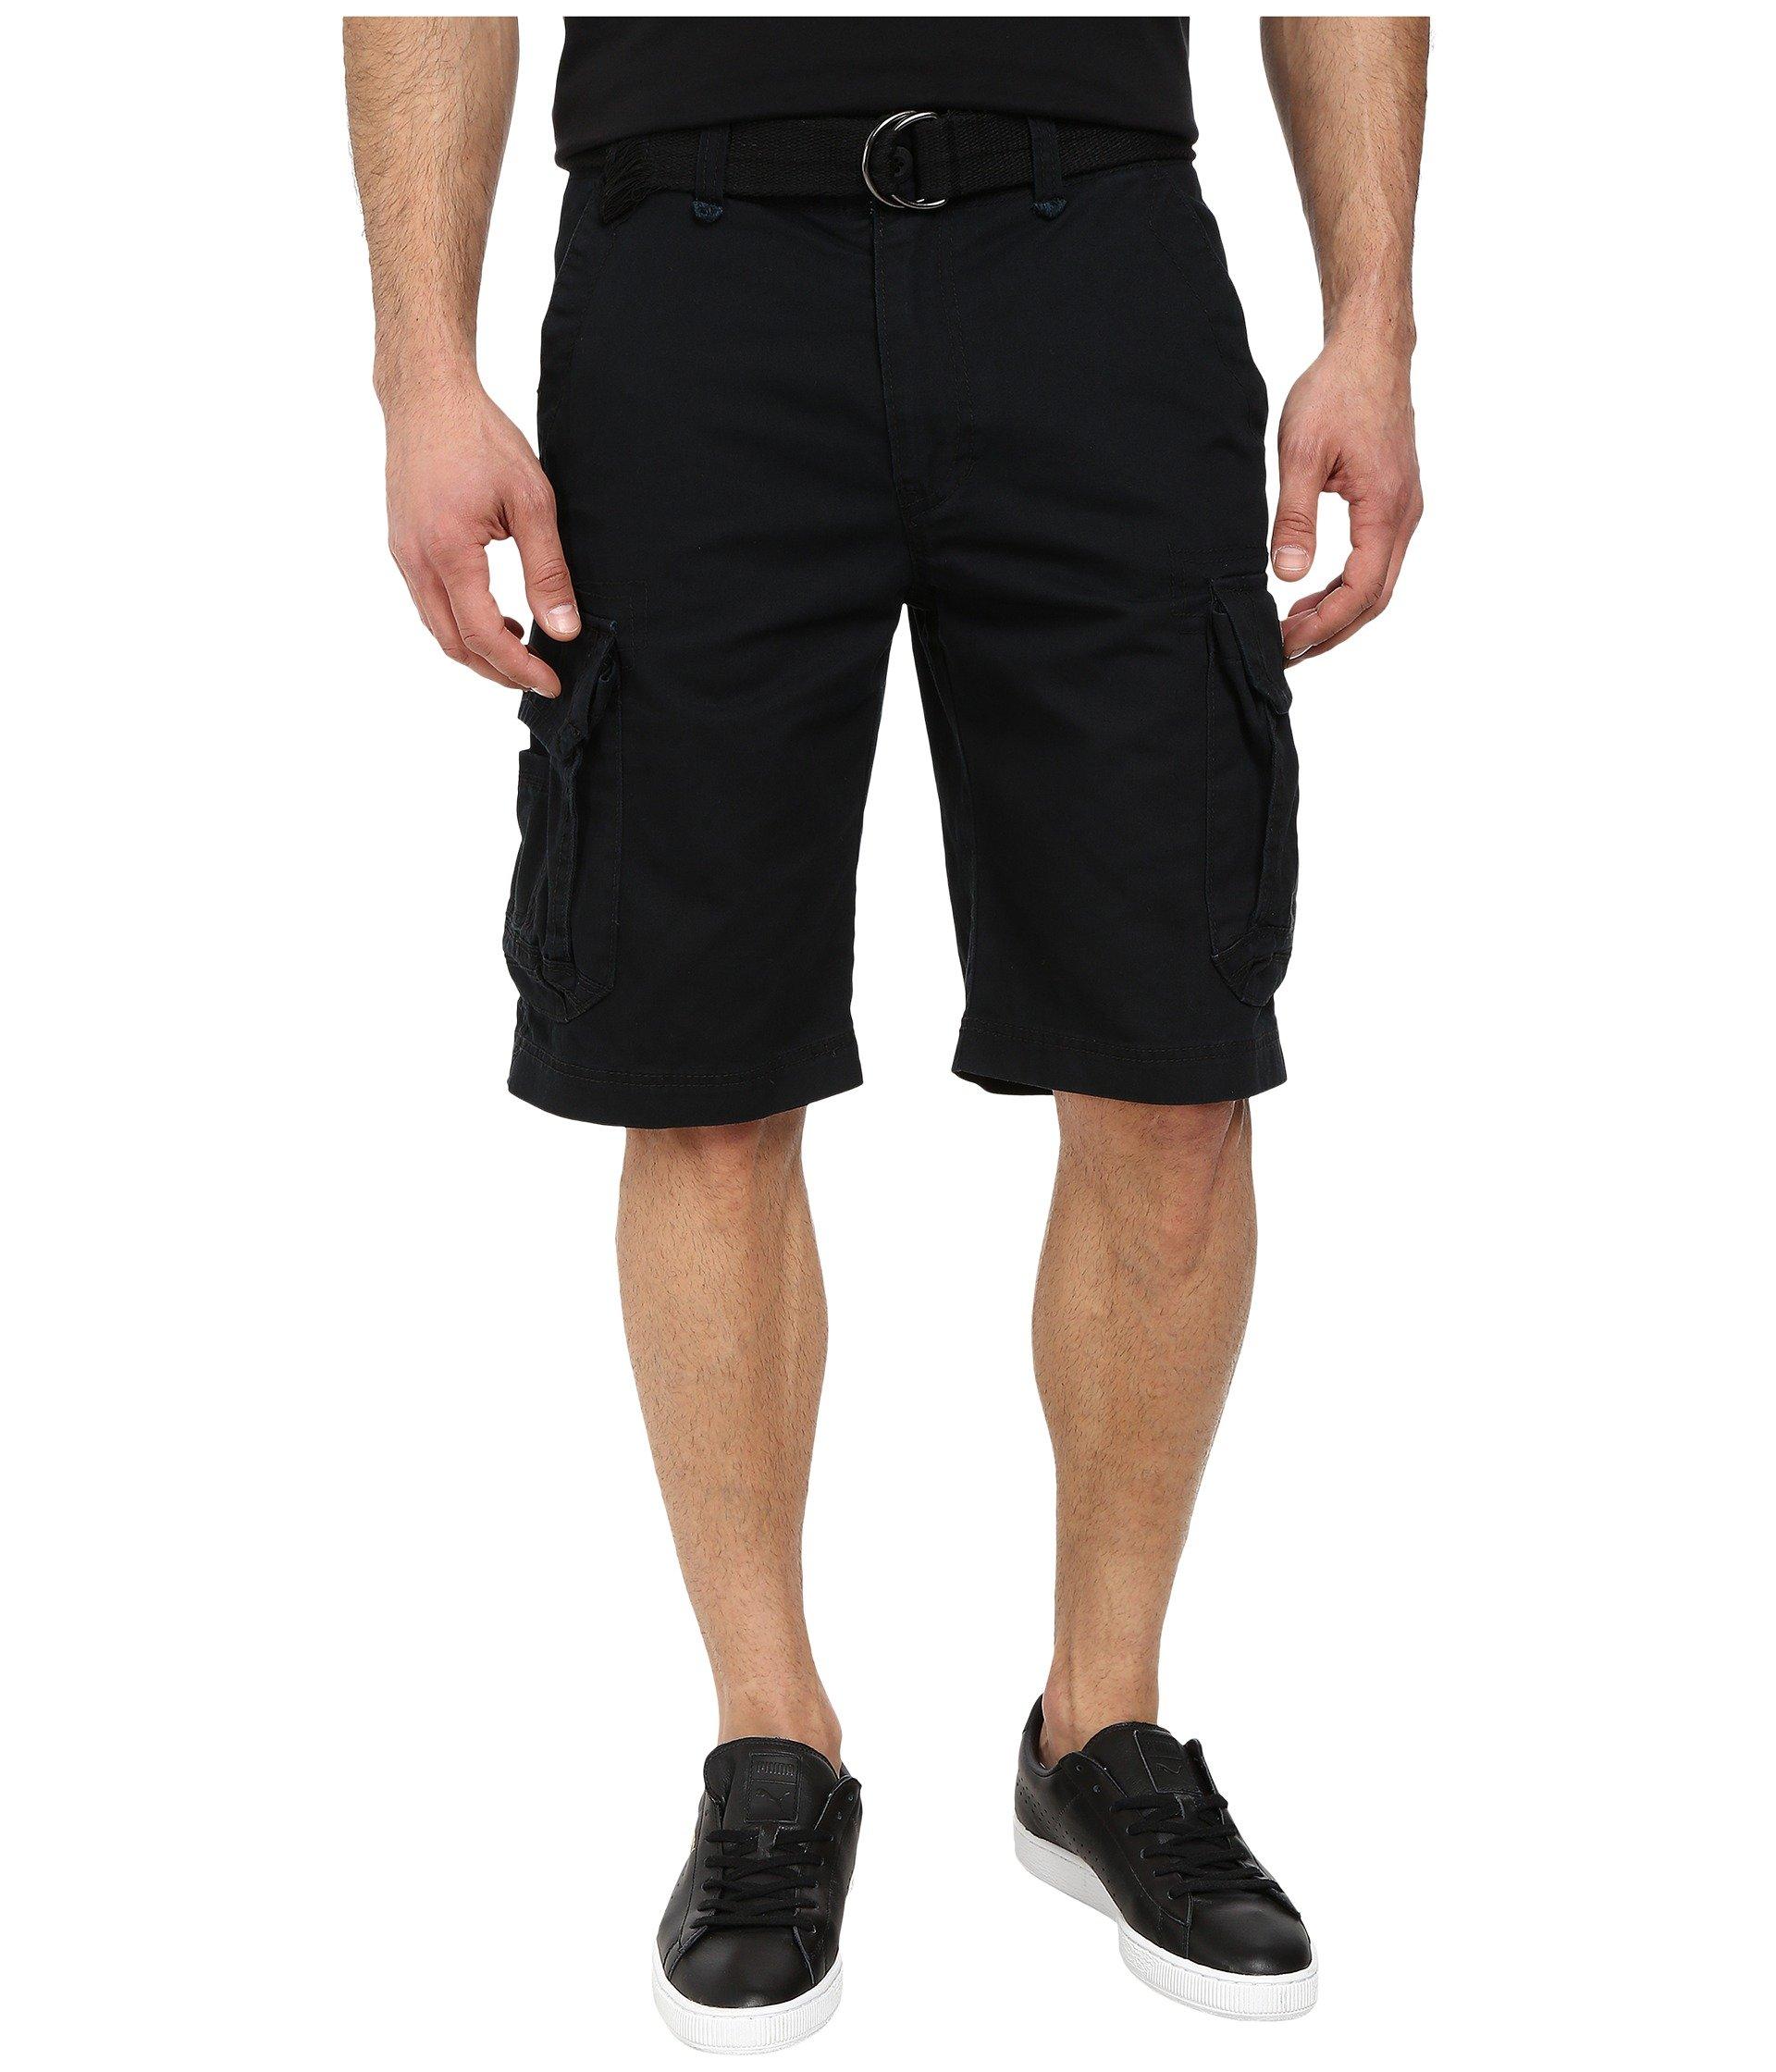 Pantaloneta para Hombre UNIONBAY Survivor Cargo Short  + UNIONBAY en VeoyCompro.net